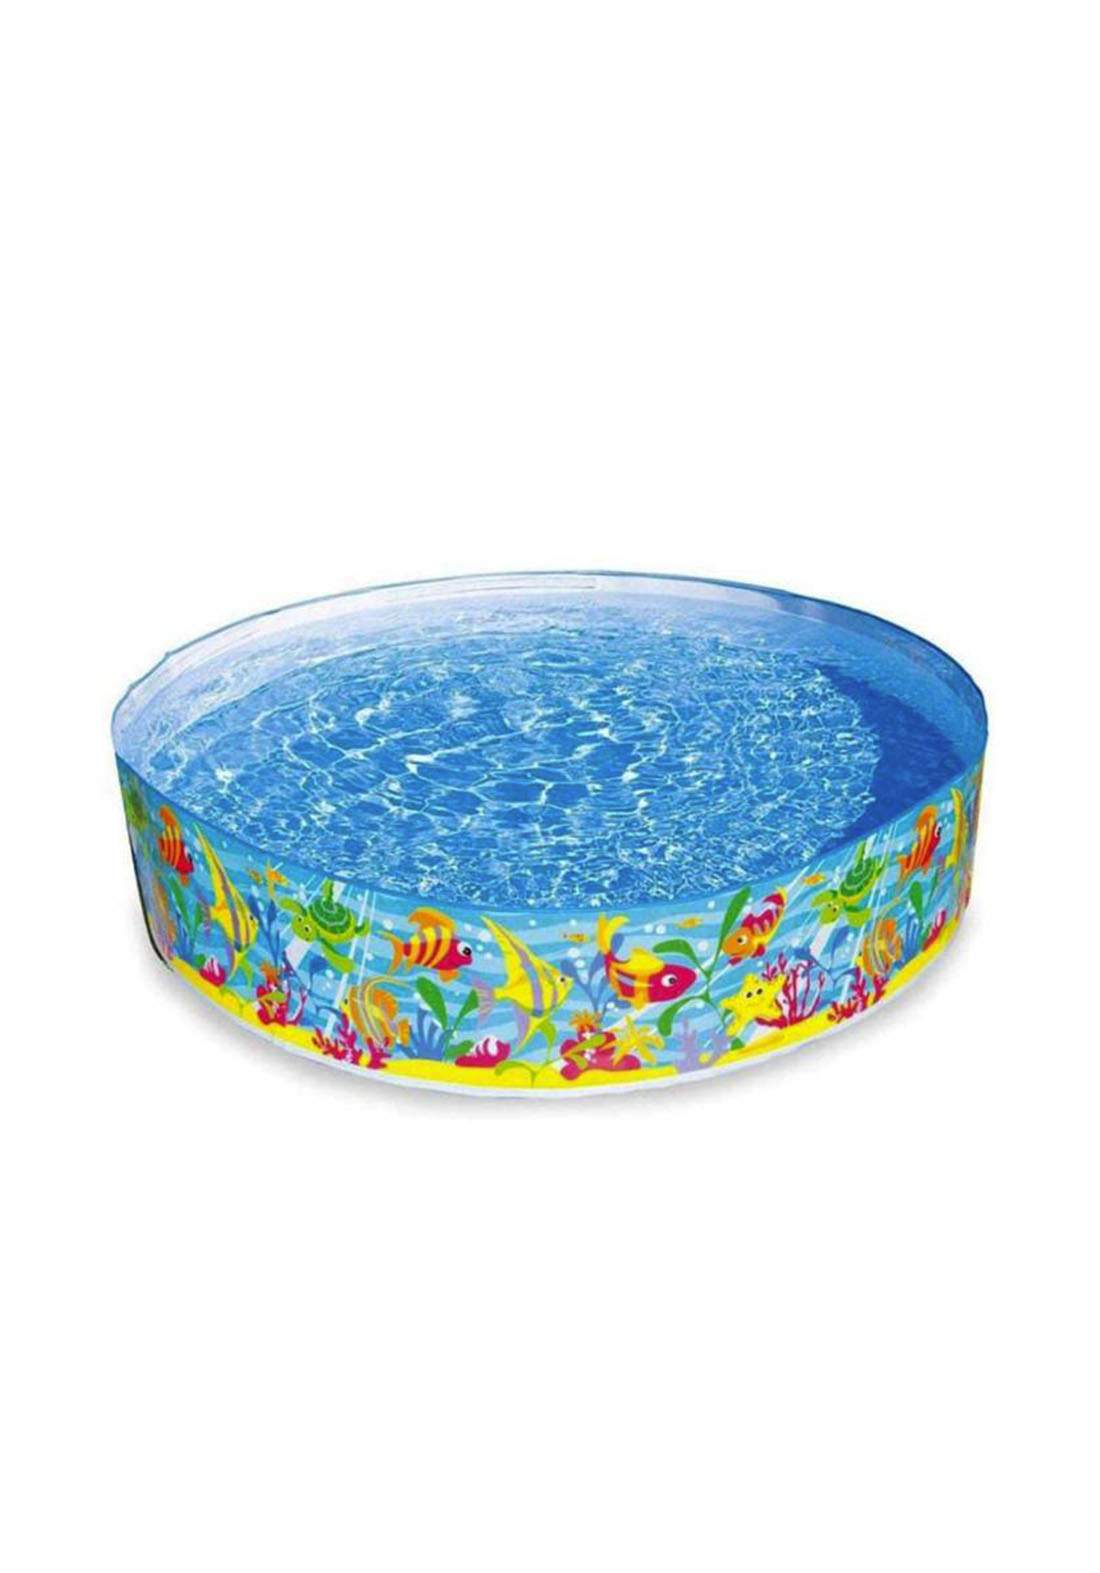 Intex Kids Swimming Pool مسبح